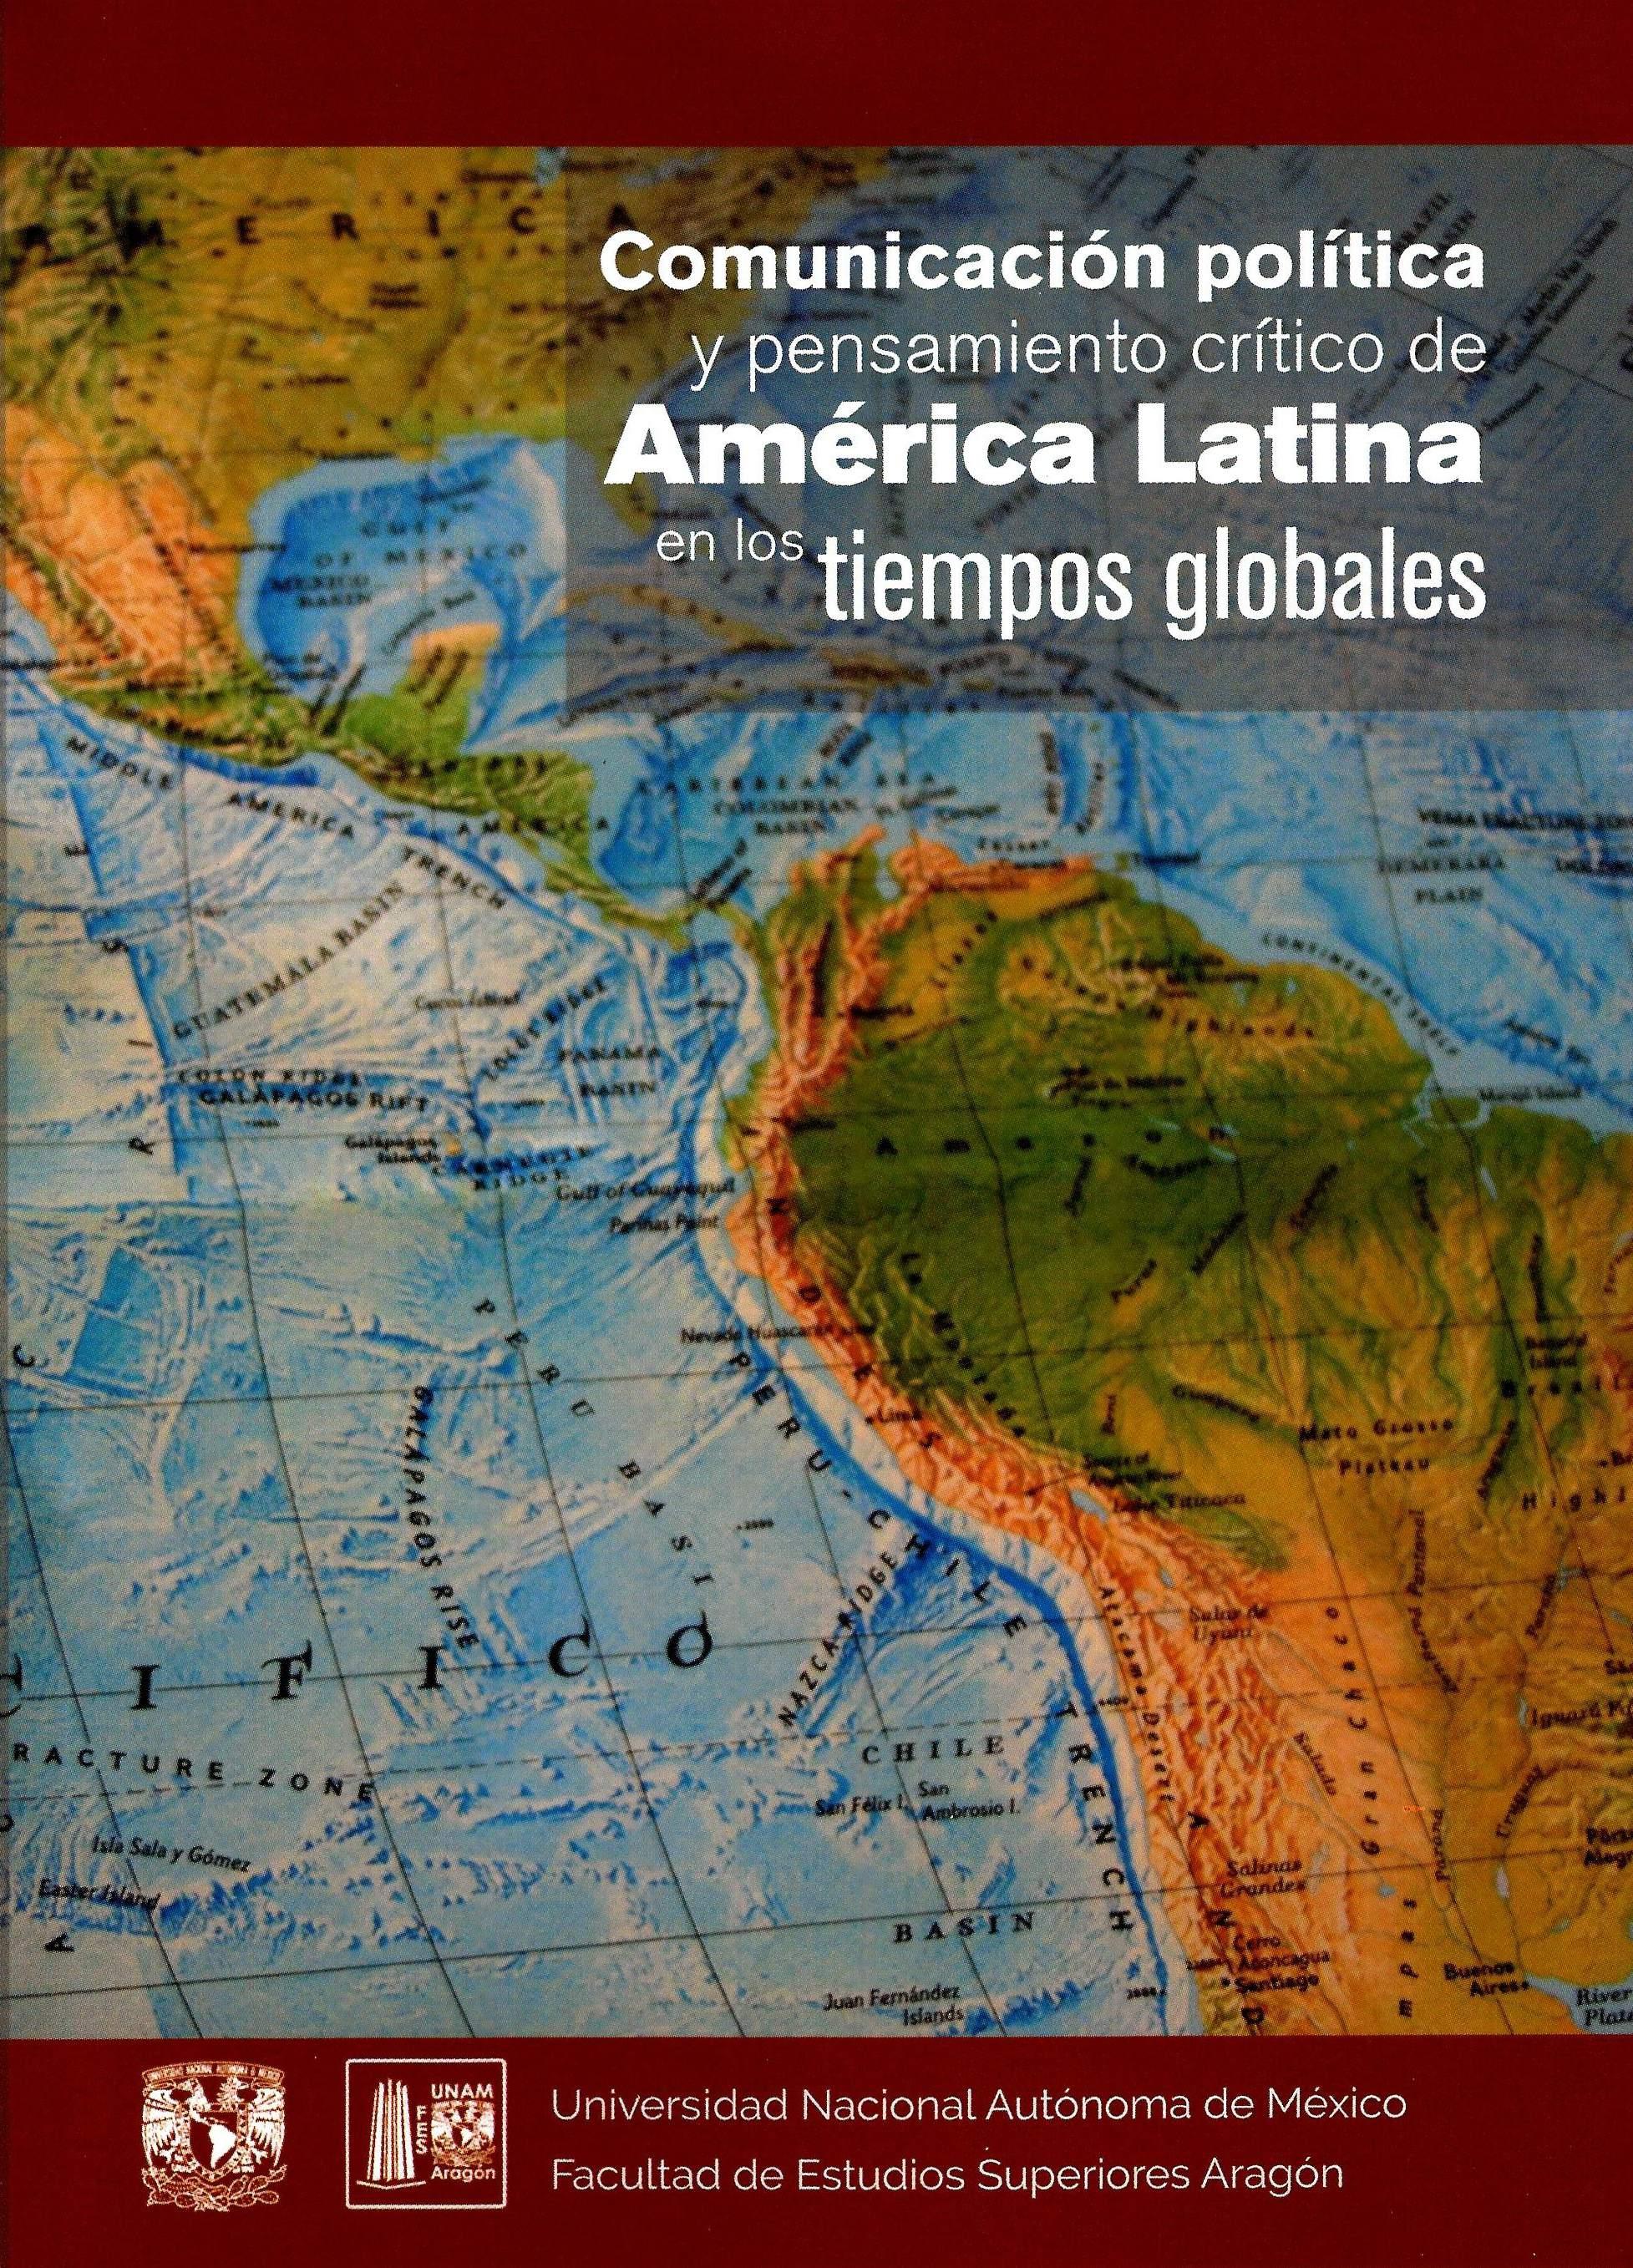 Comunicación política y pensamiento crítico de América Latina en los tiempos globales